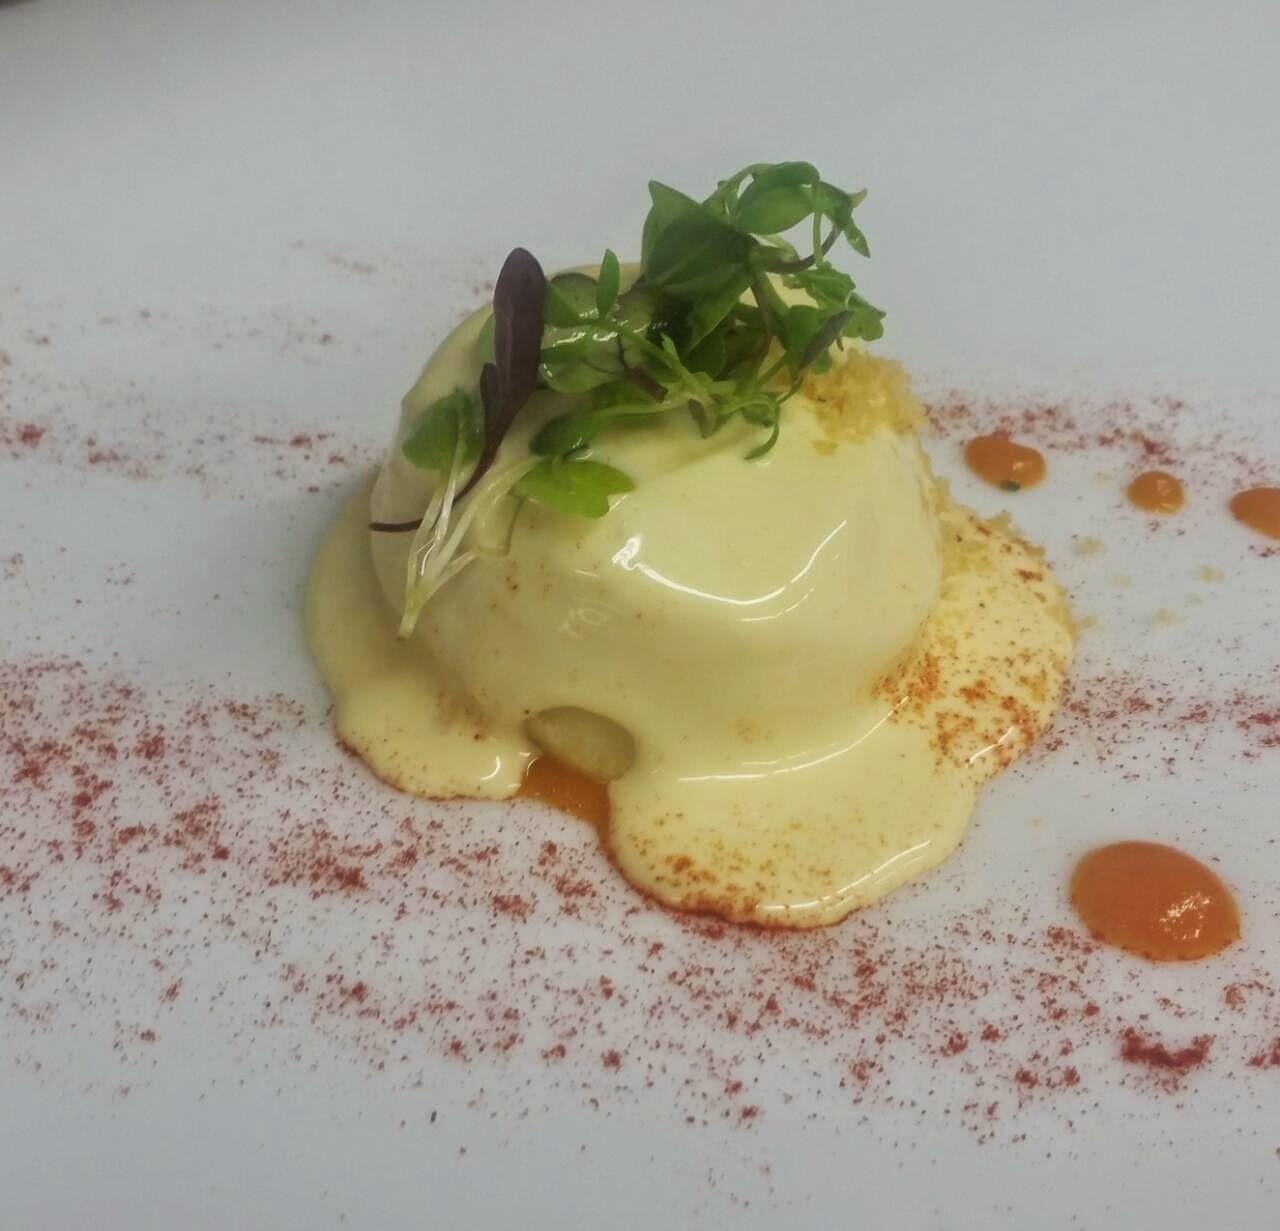 Asesoria gastronomica abril 2013 for Cocinar tintorera